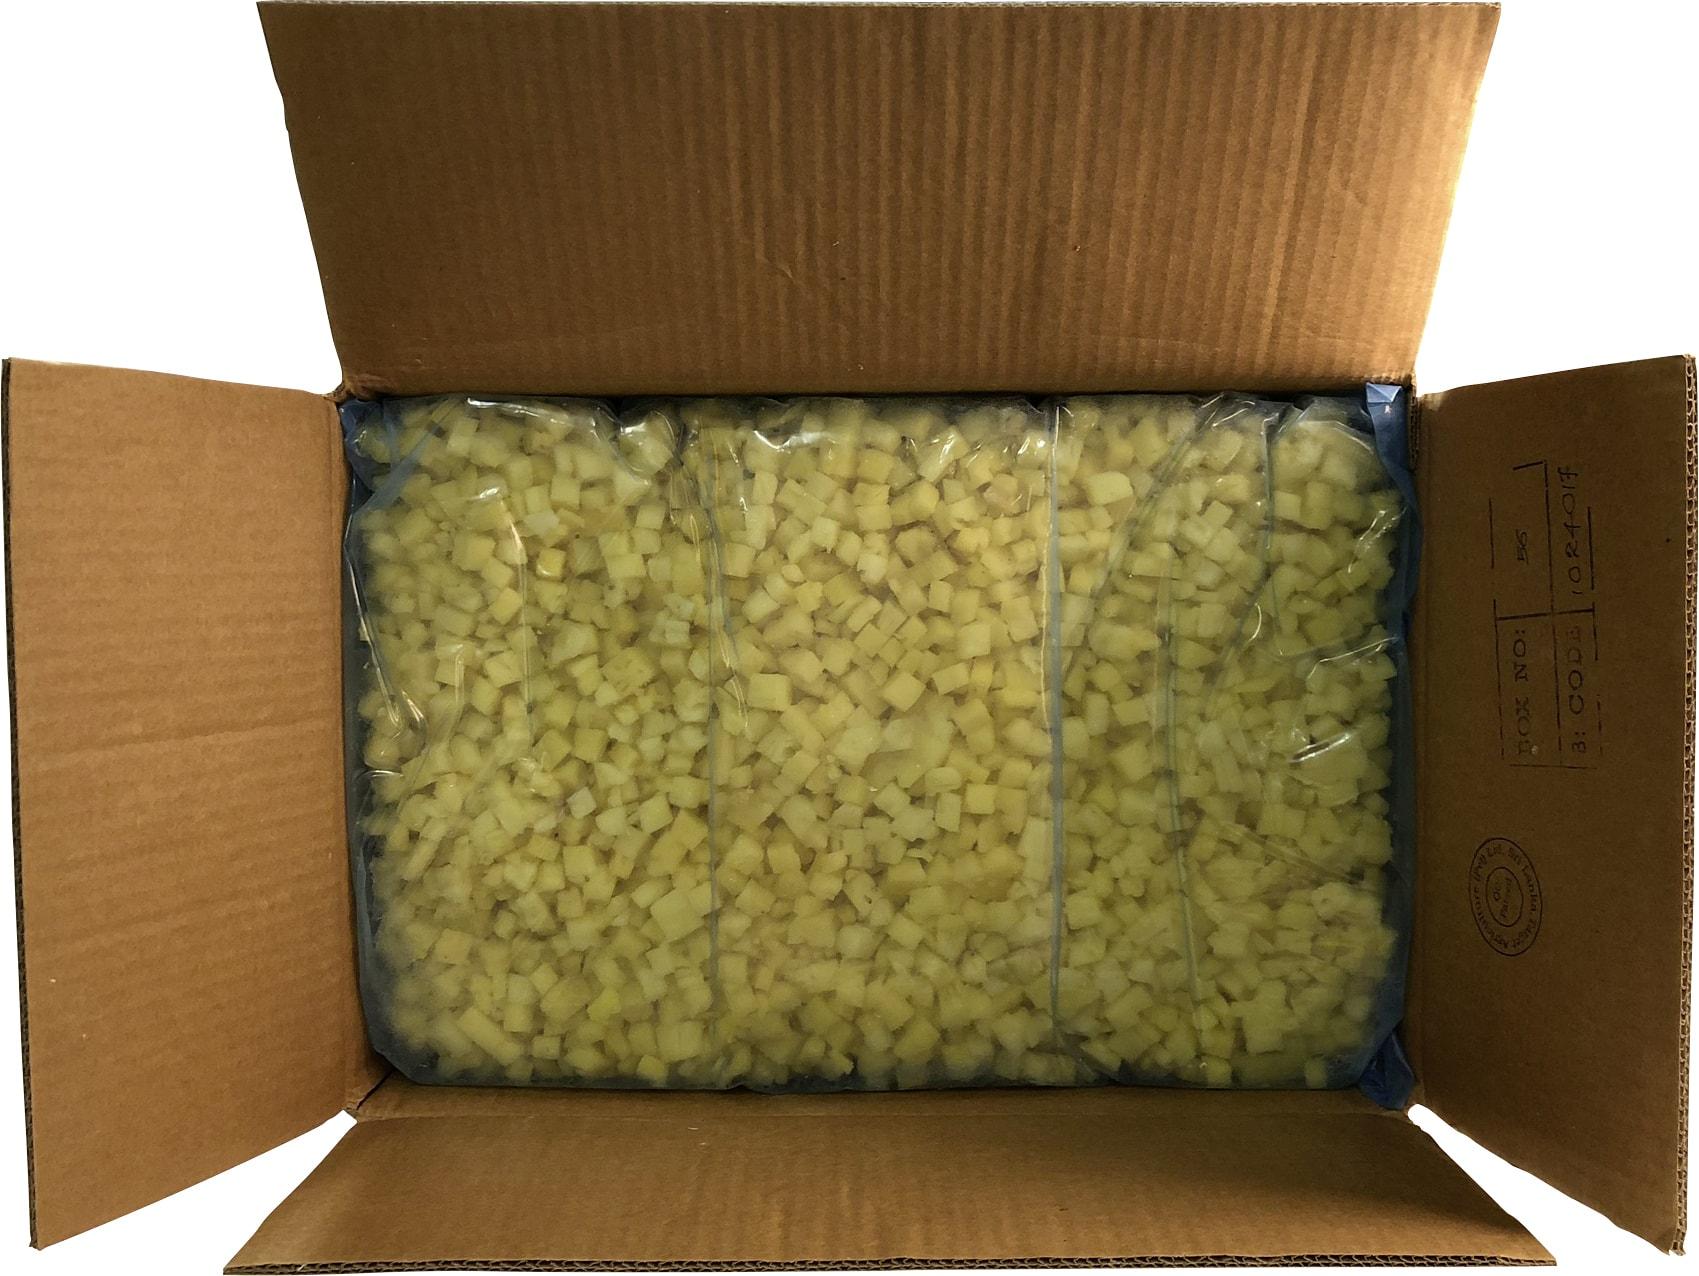 Ananaswürfel, tiefgekühlt (4x2.5kg)